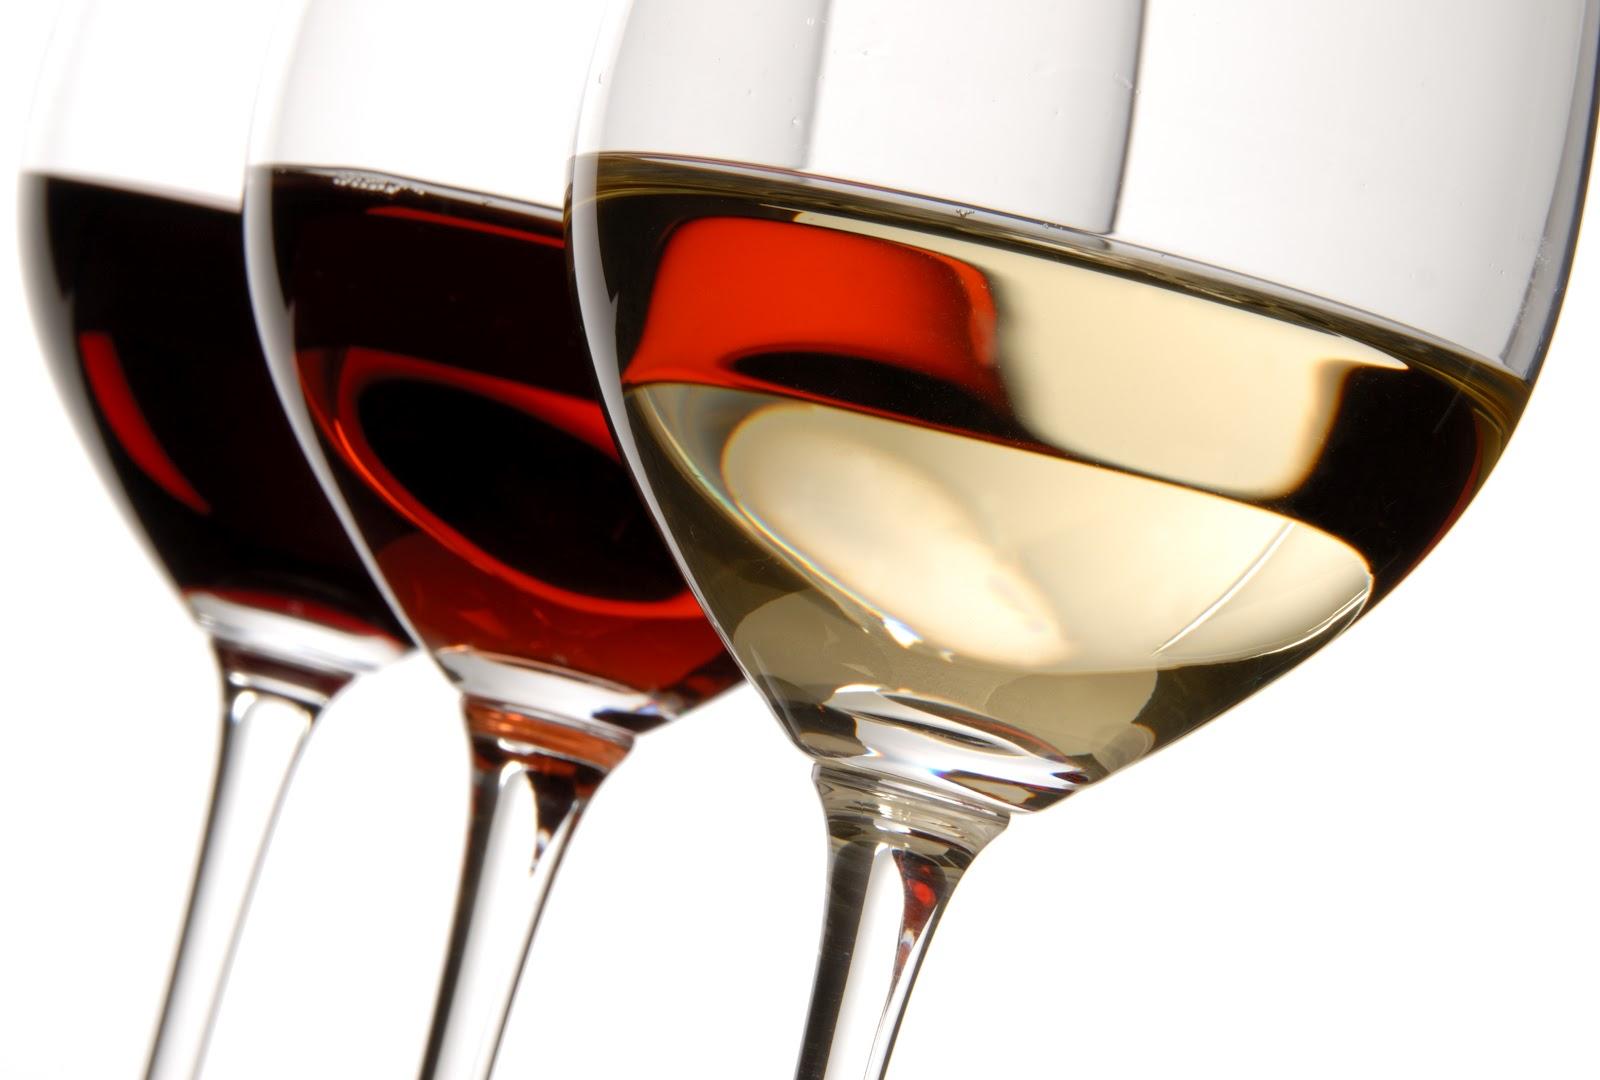 Che vino sei